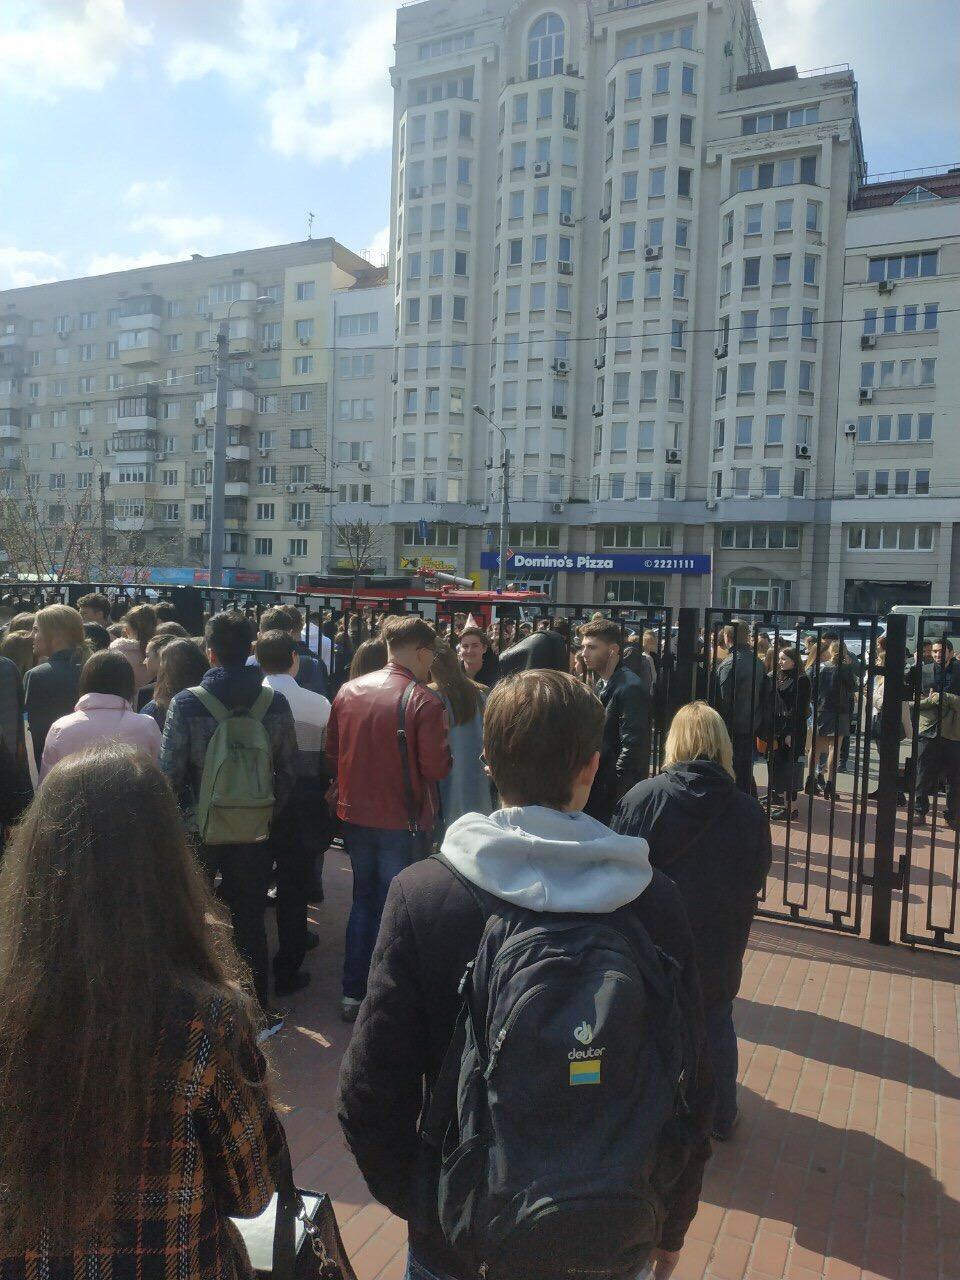 Студентов КИМО экстренно эвакуируют из здания из-за сообщении о минировании